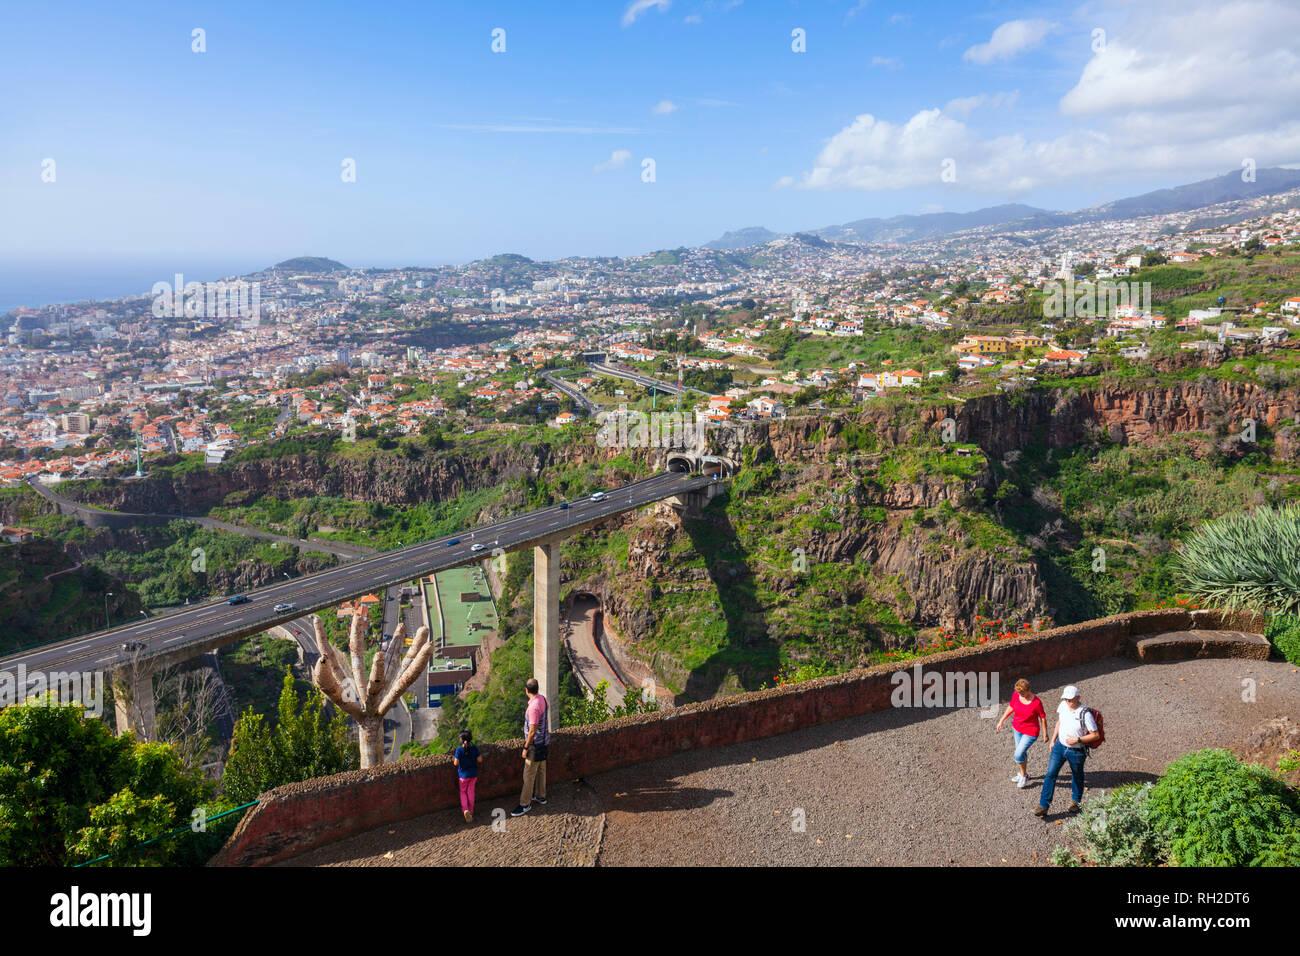 Touristen mit Blick auf Funchal von den Botanischen Gärten von Funchal botanischer Garten Jardim Botanico oberhalb der Hauptstadt Funchal, Madeira, Portugal Stockbild